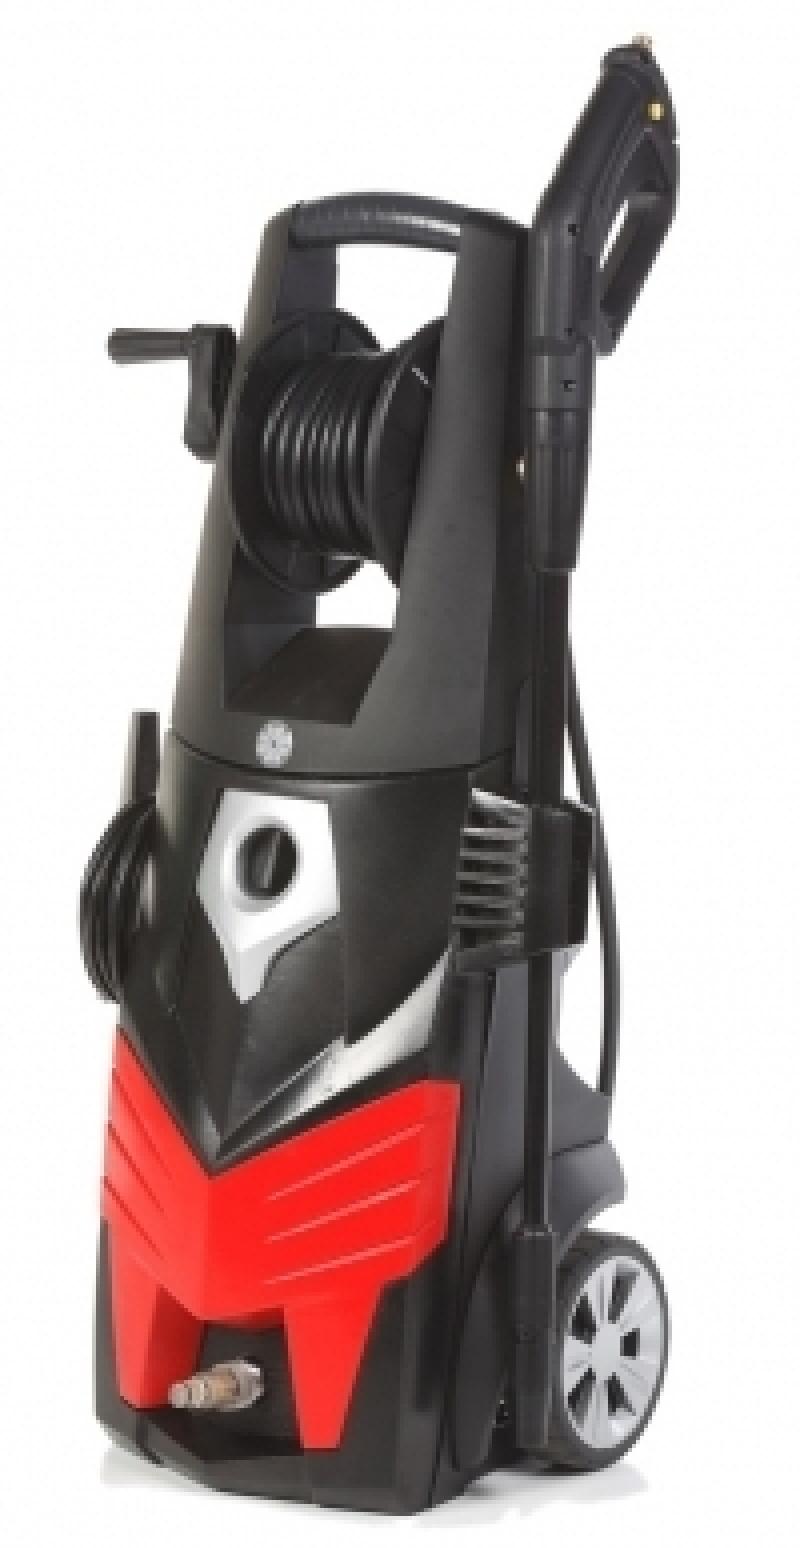 Бытовой аппарат высокого давления IPC Portotecnica G 159-C I 1609 A 94337 IDAF